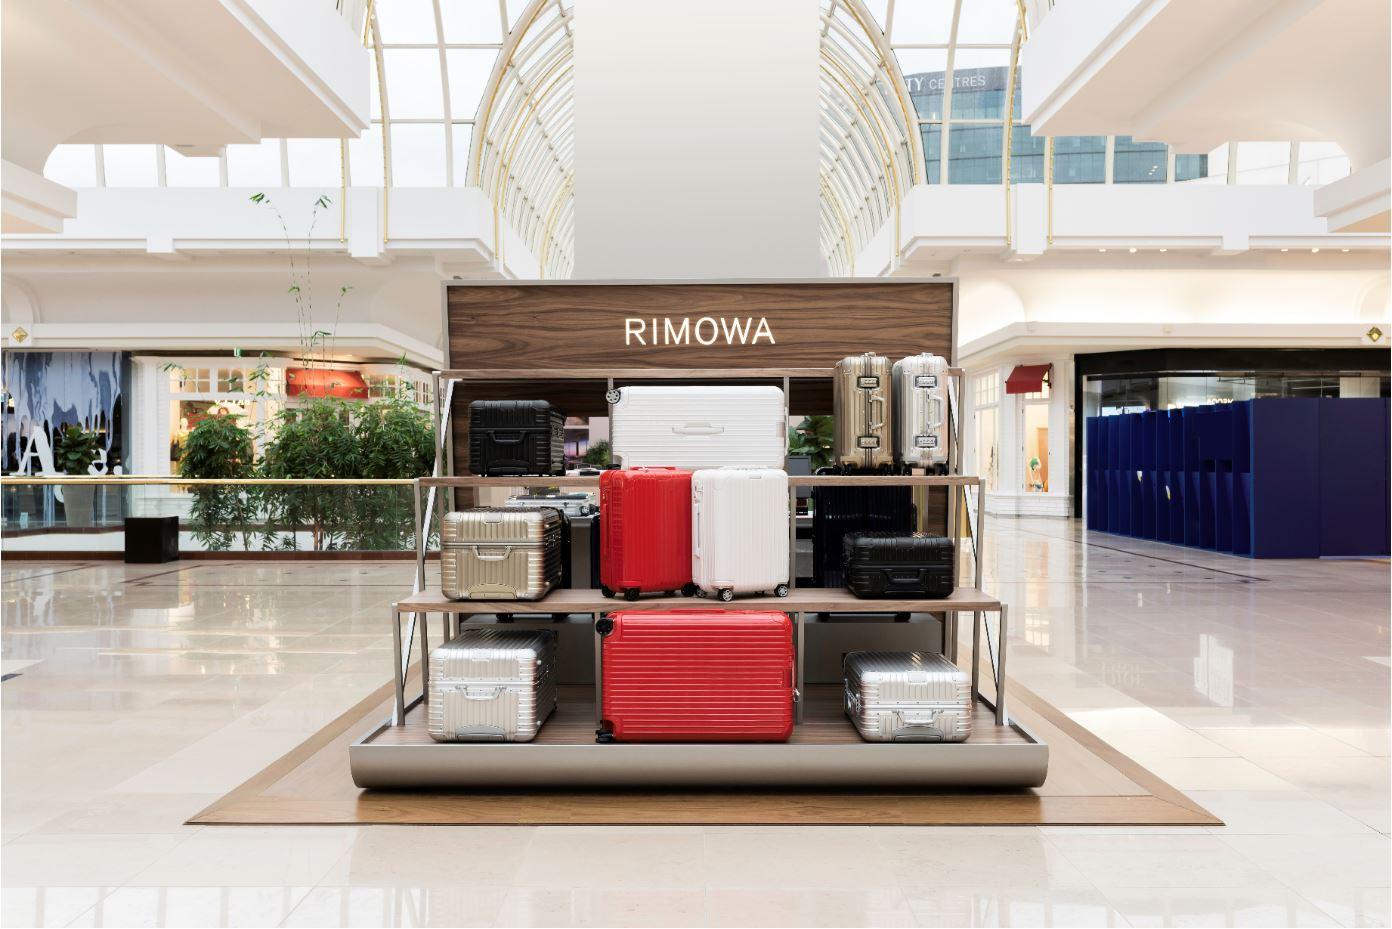 RIMOWA - Chadstone, VIC 3148 - (03) 8525 3479   ShowMeLocal.com